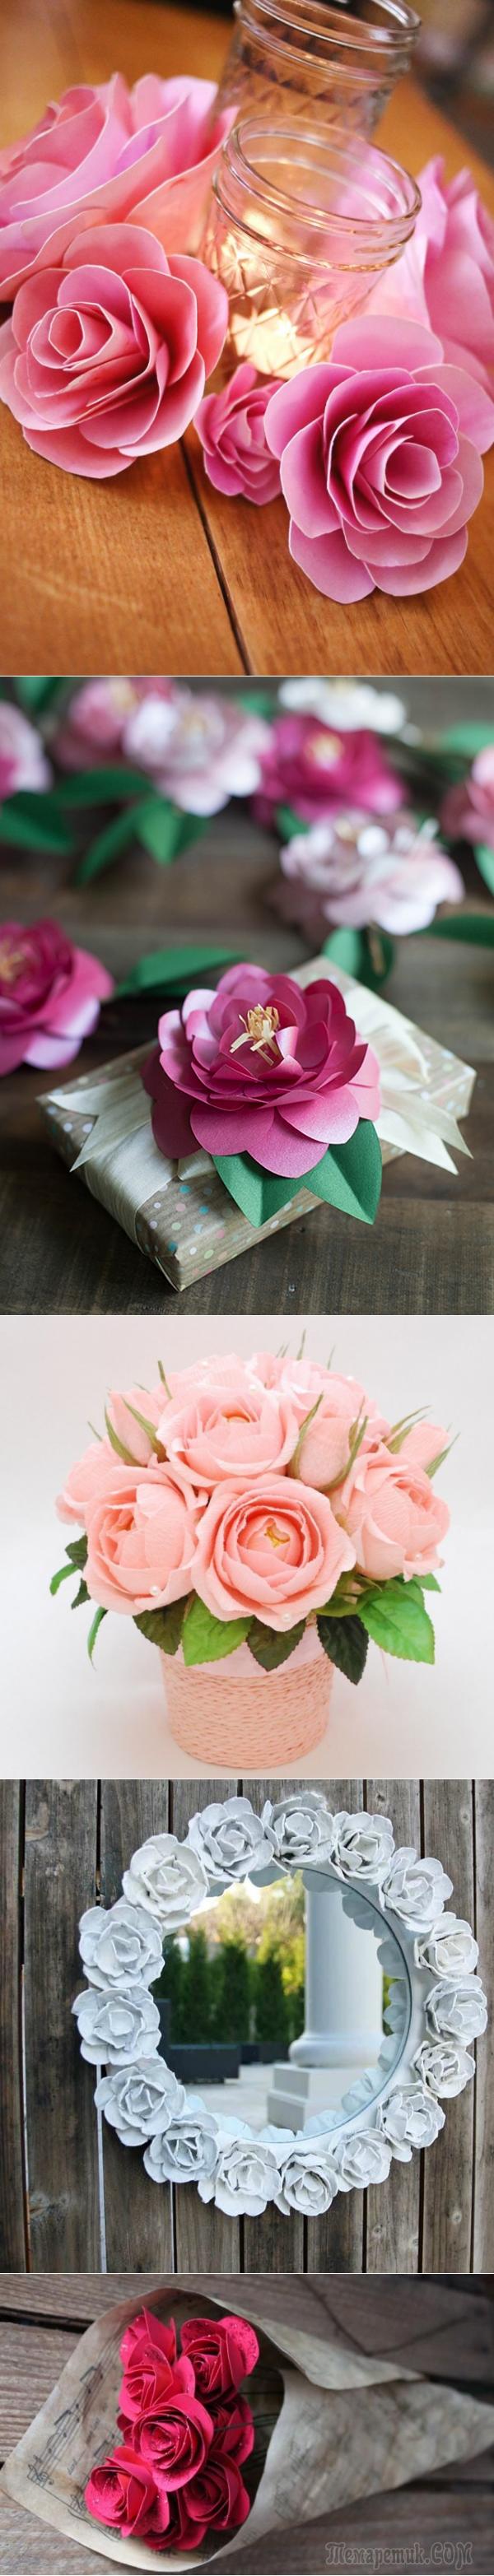 Розы из бумаги своими руками – простые способы как сделать бумажный цветок и букет (115 фото)